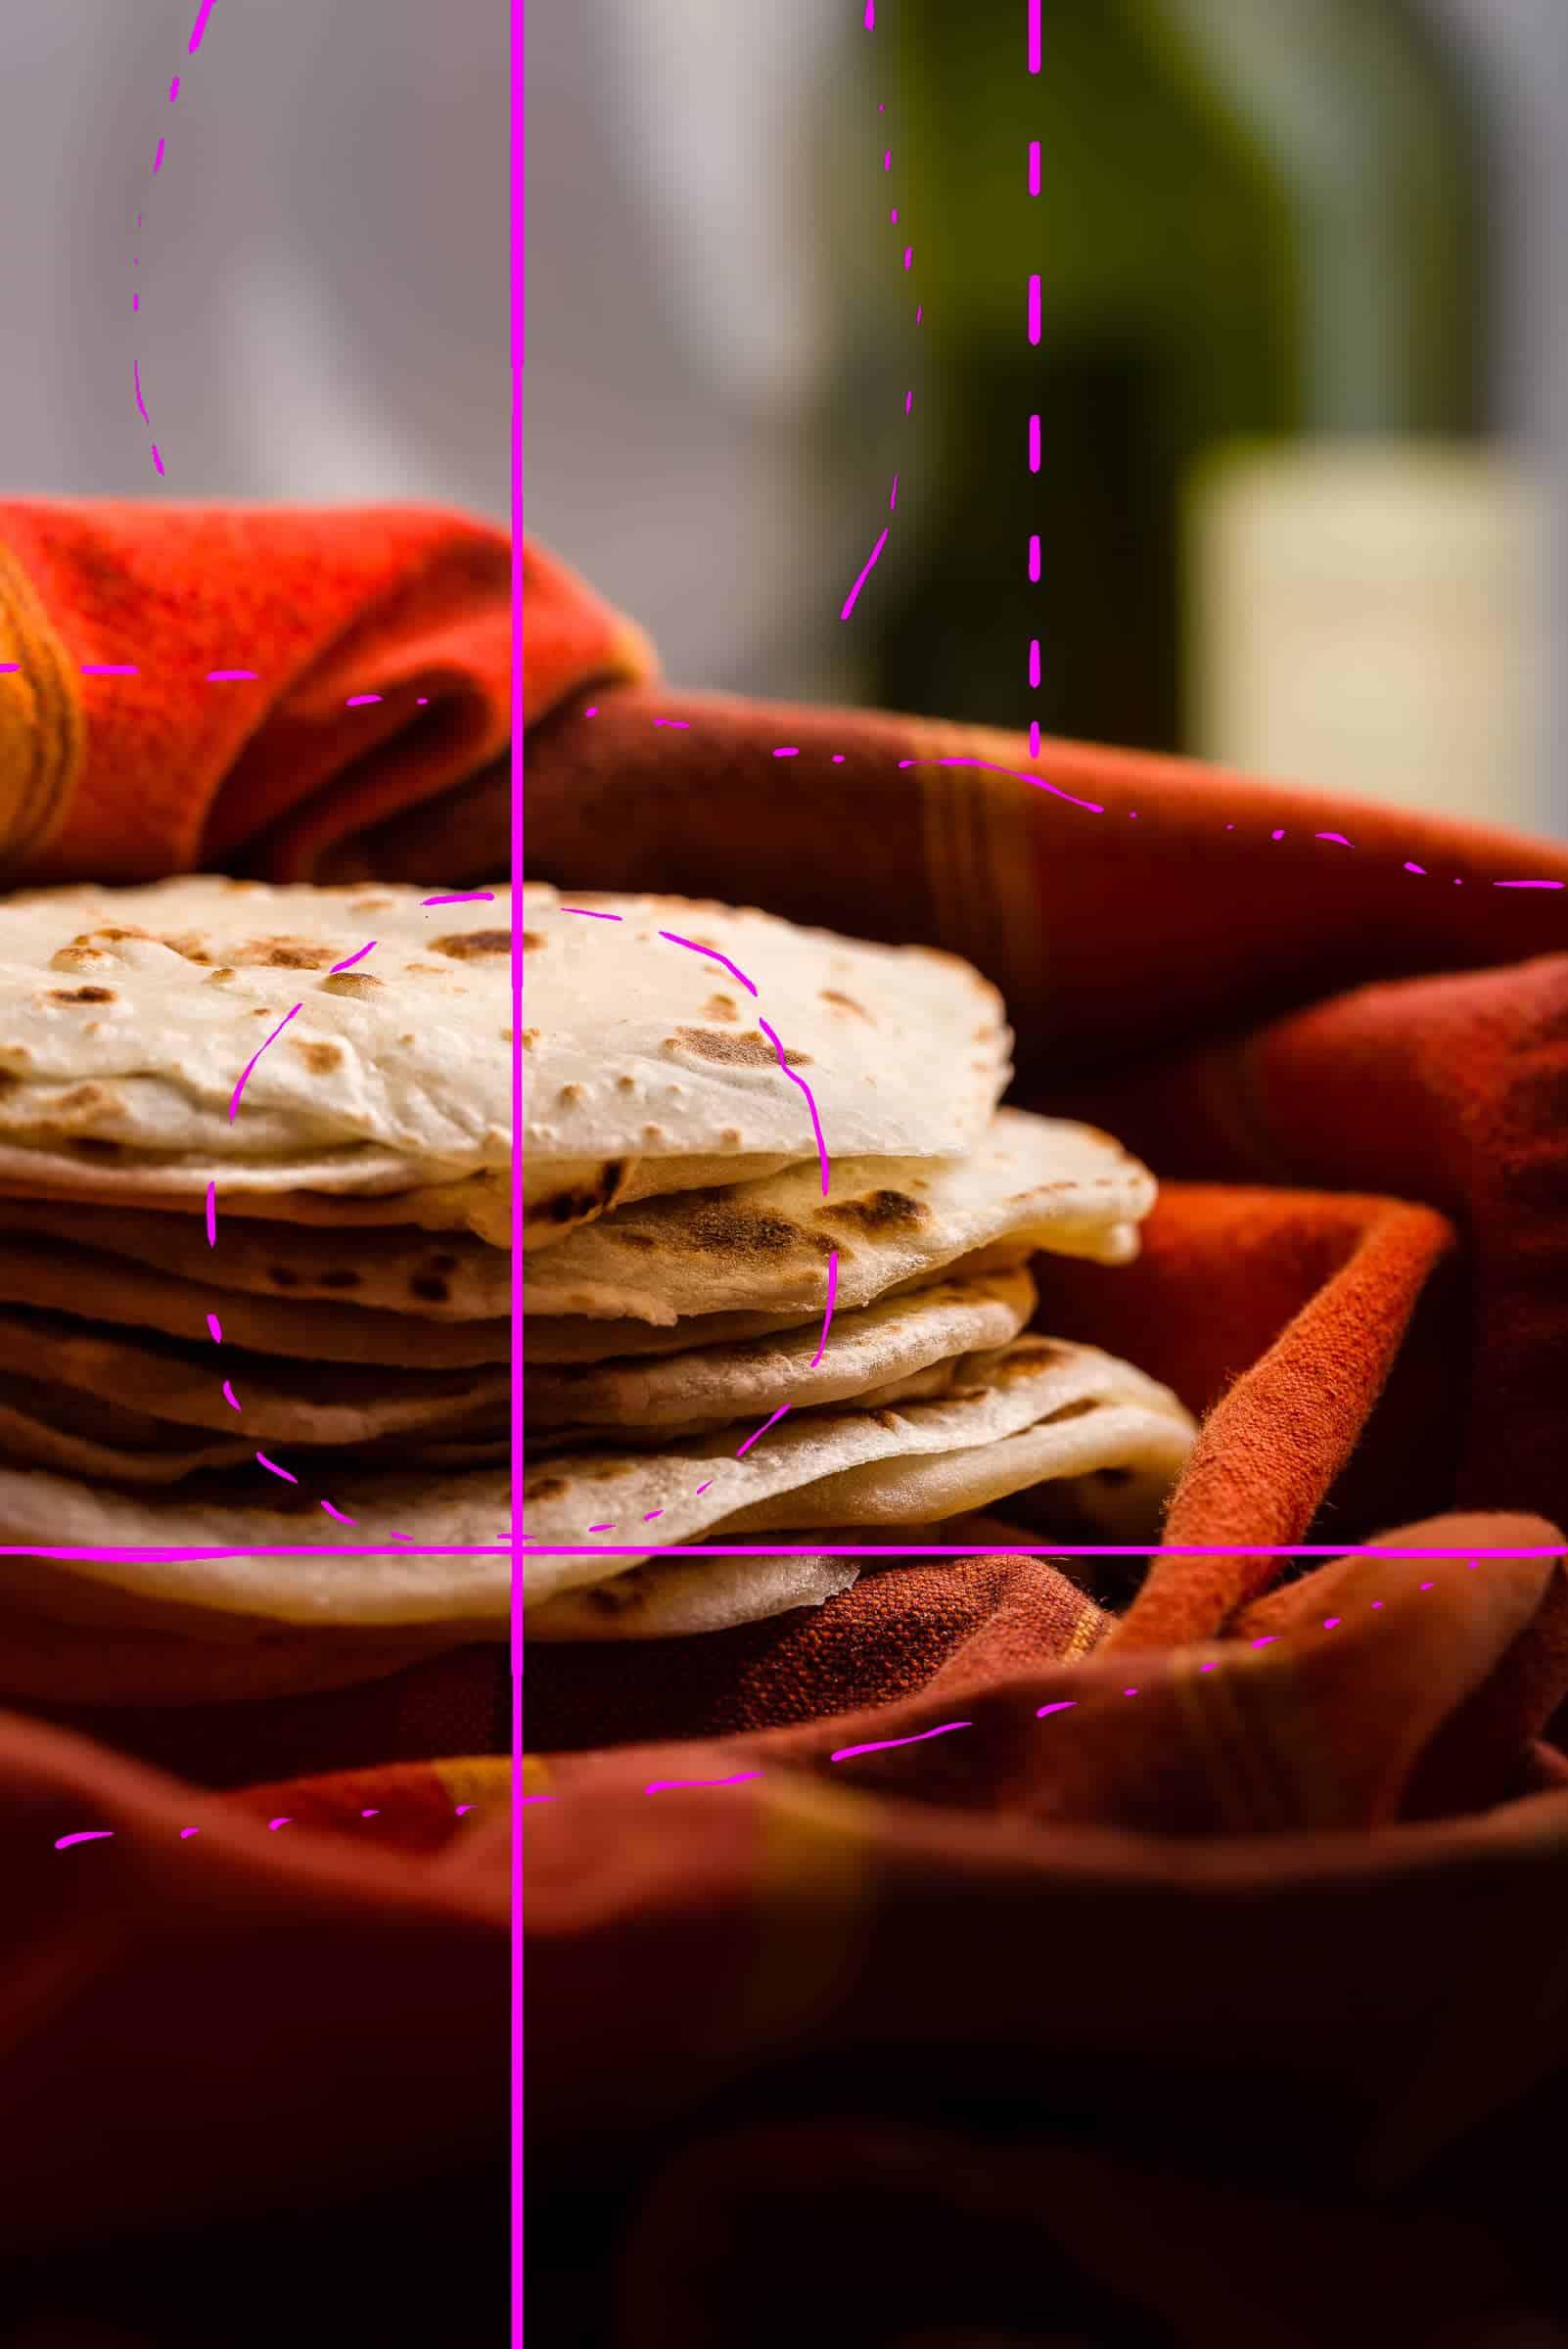 Fotografia Composizione Inquadratura Crespelle GnamAm.com